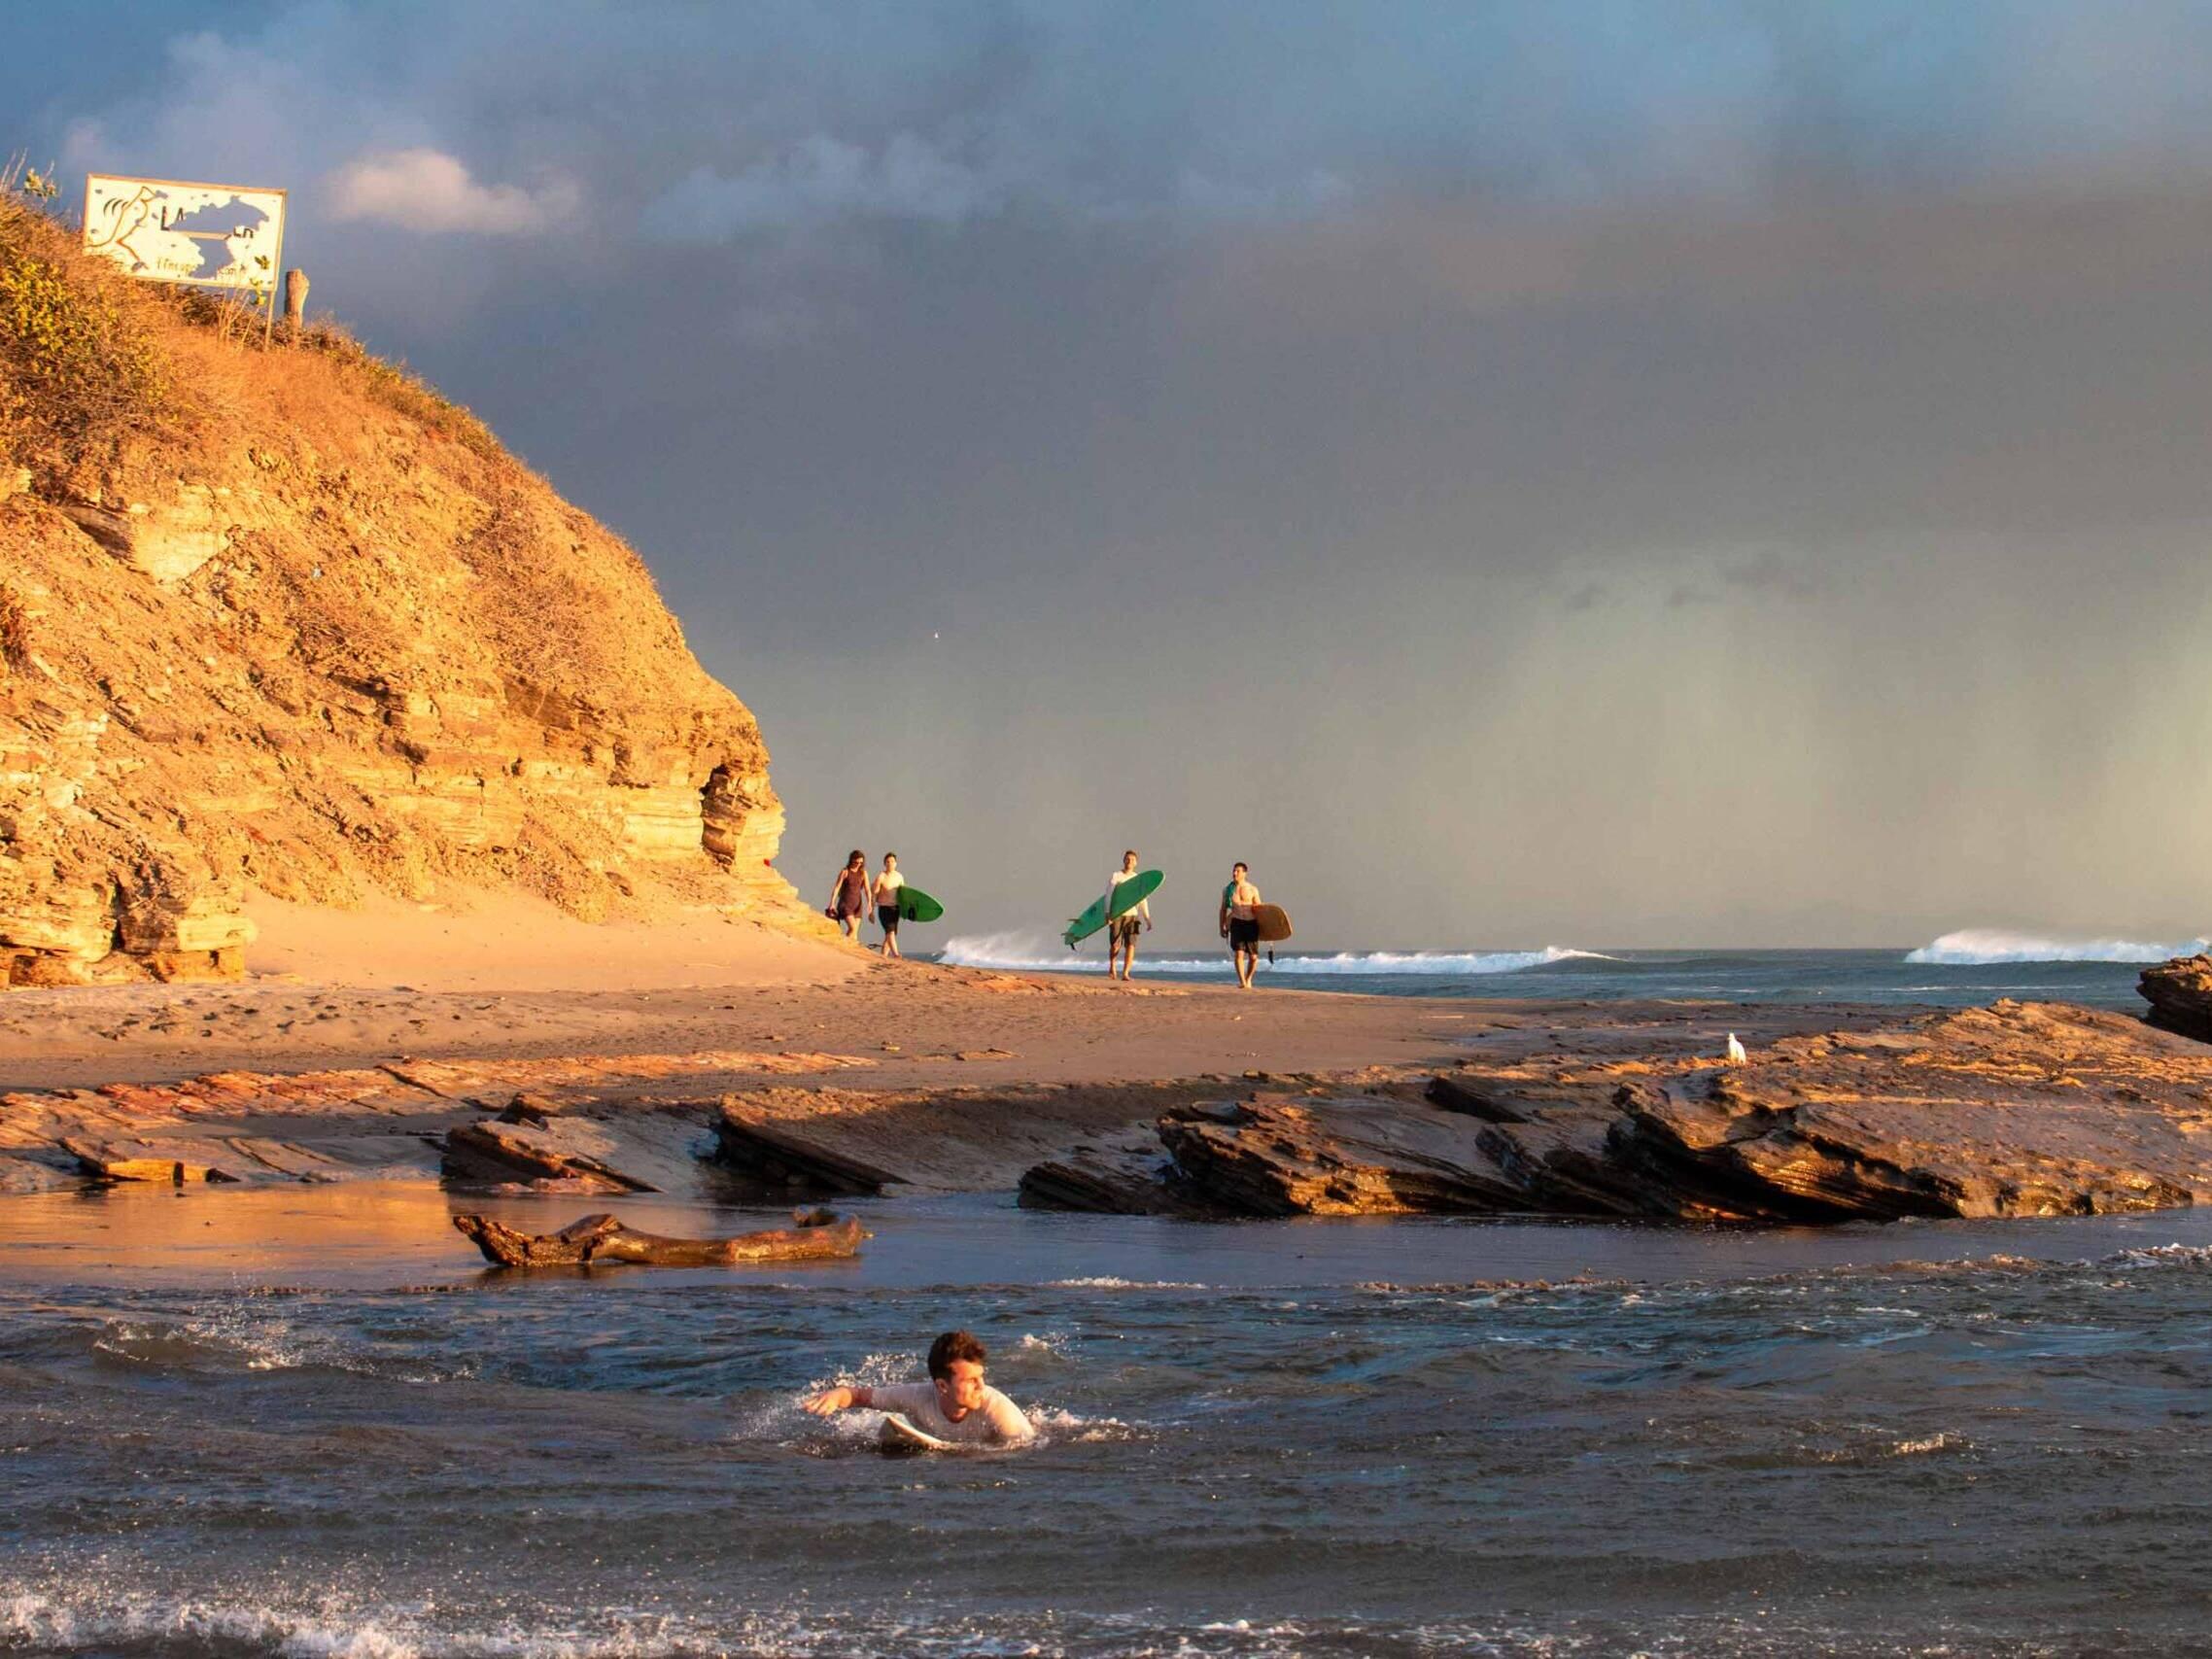 Surfers at Playa Guasacate Nicaragua